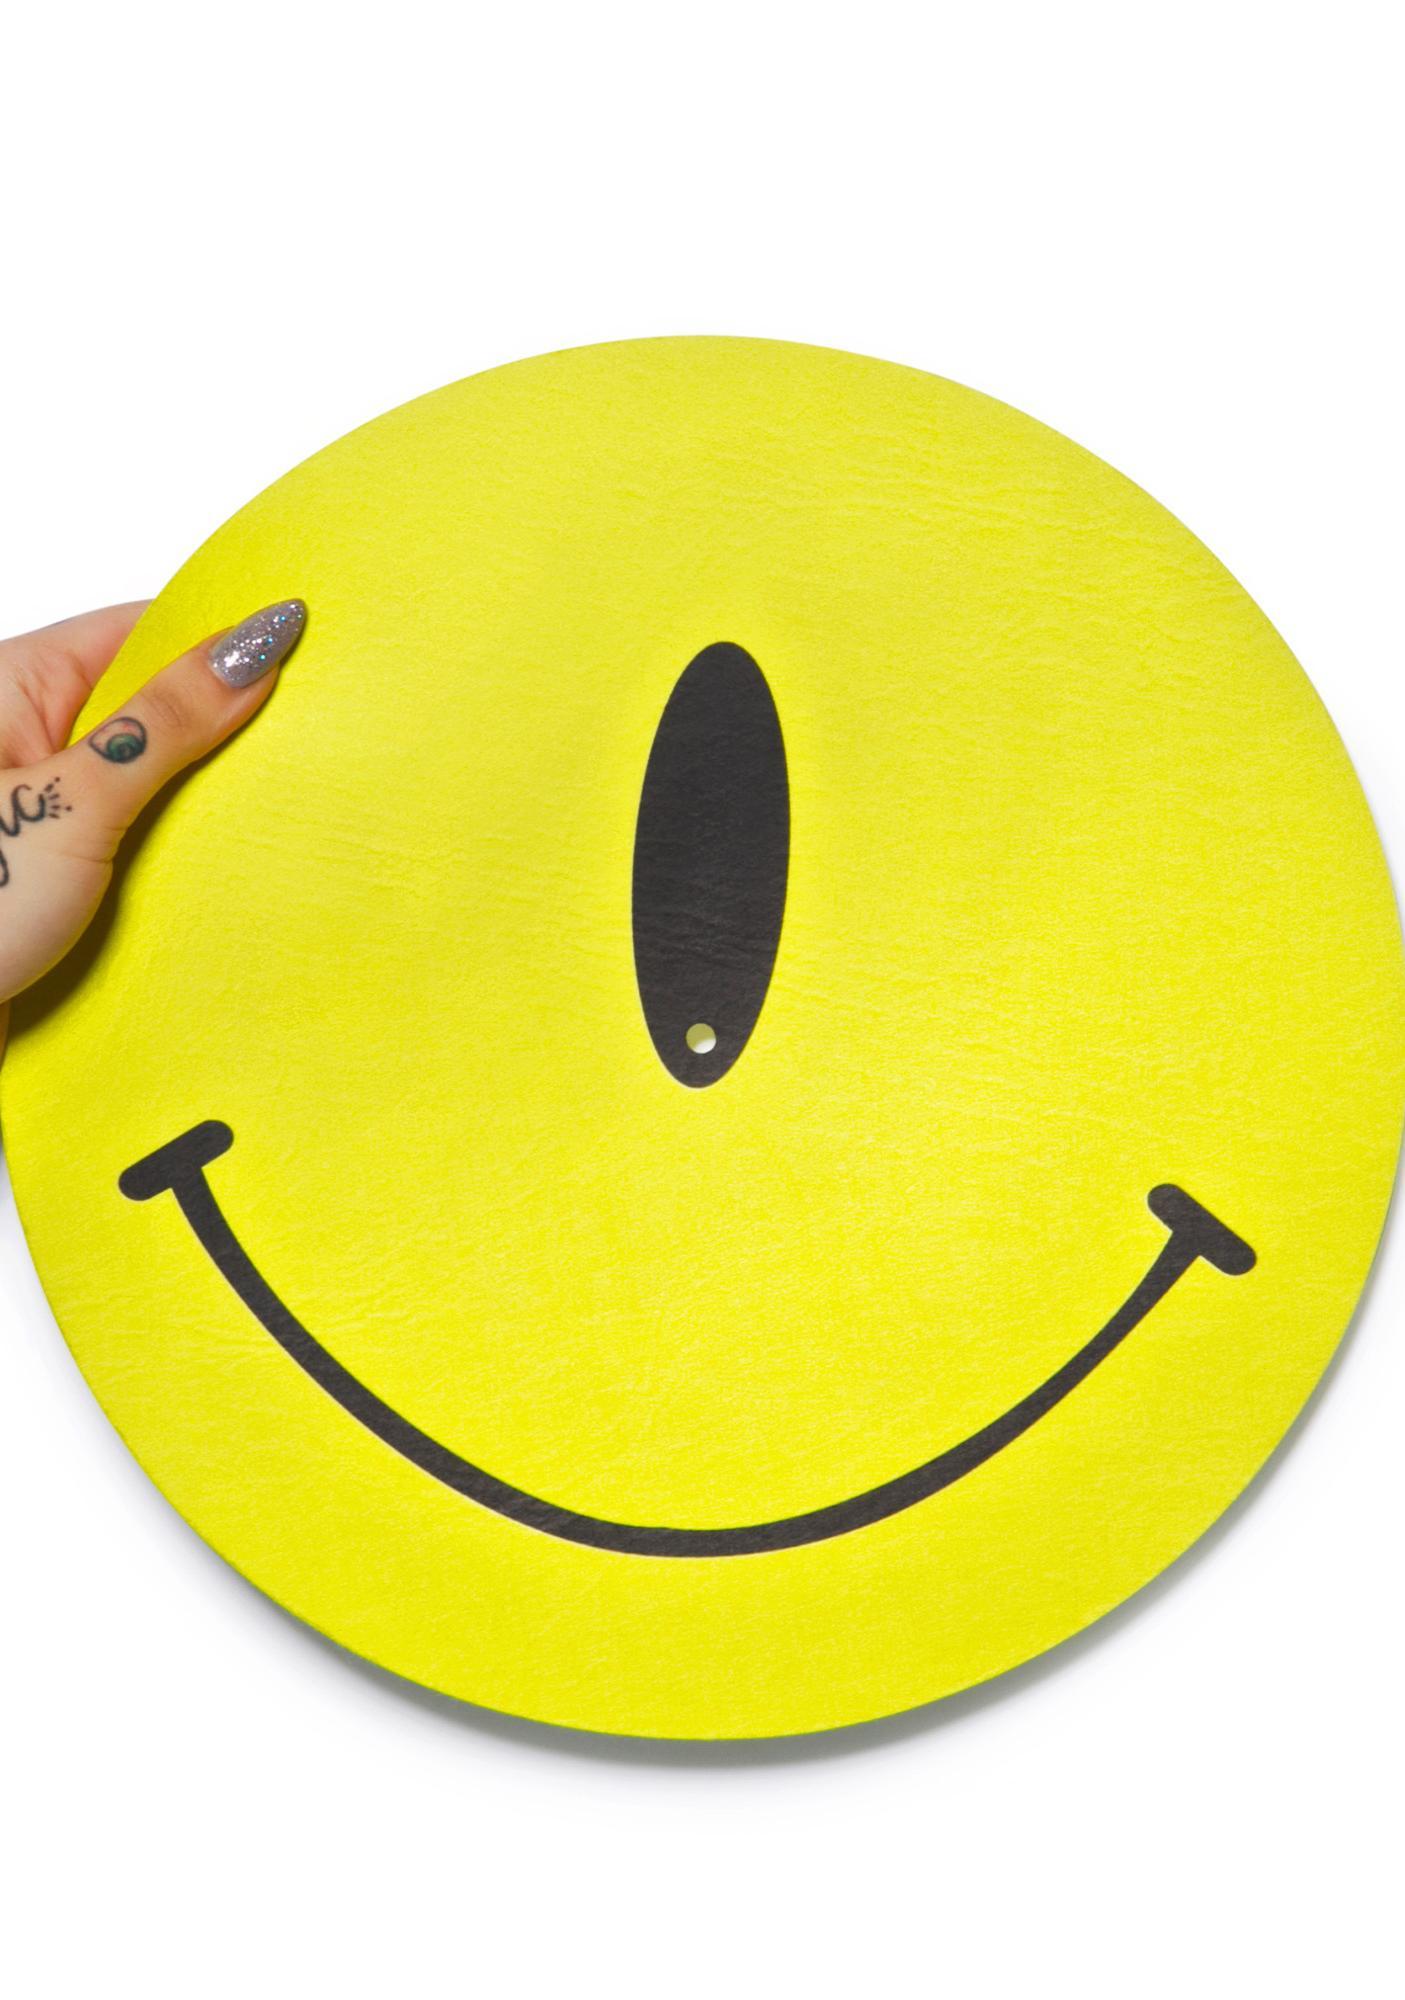 Mishka Smiley Slipmats